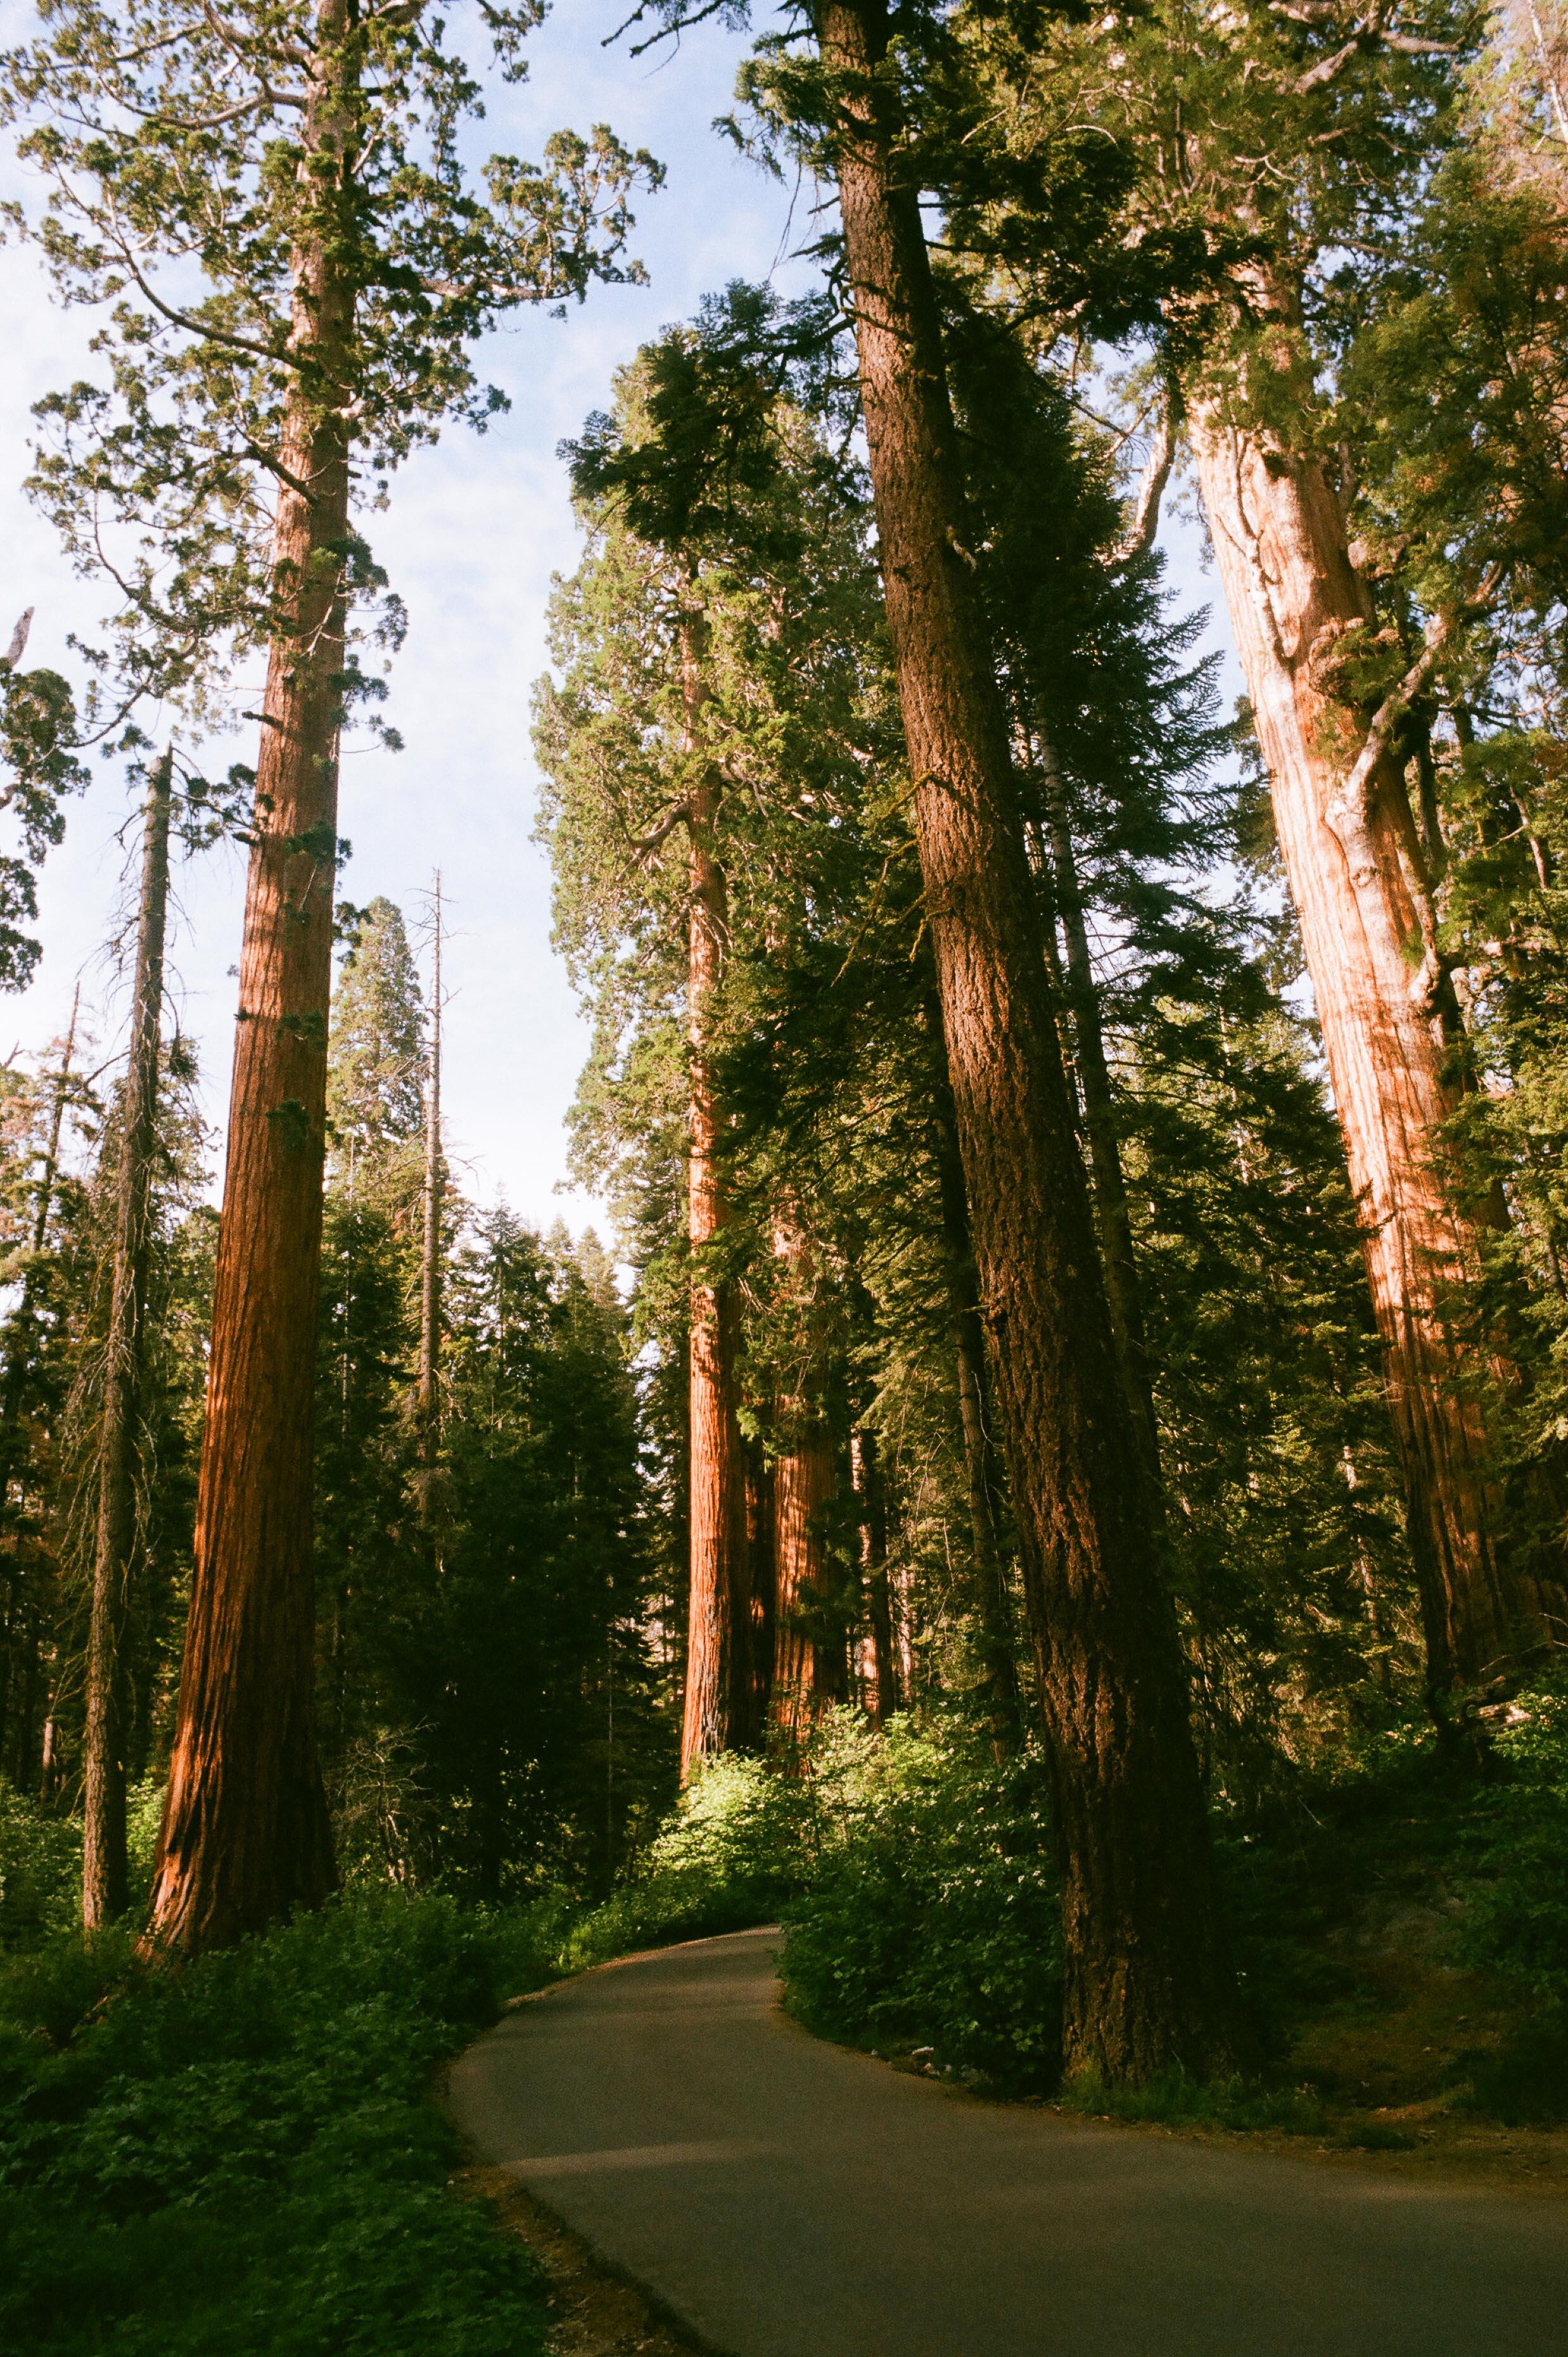 Sequoia_Superia 400_35mm_14.jpg